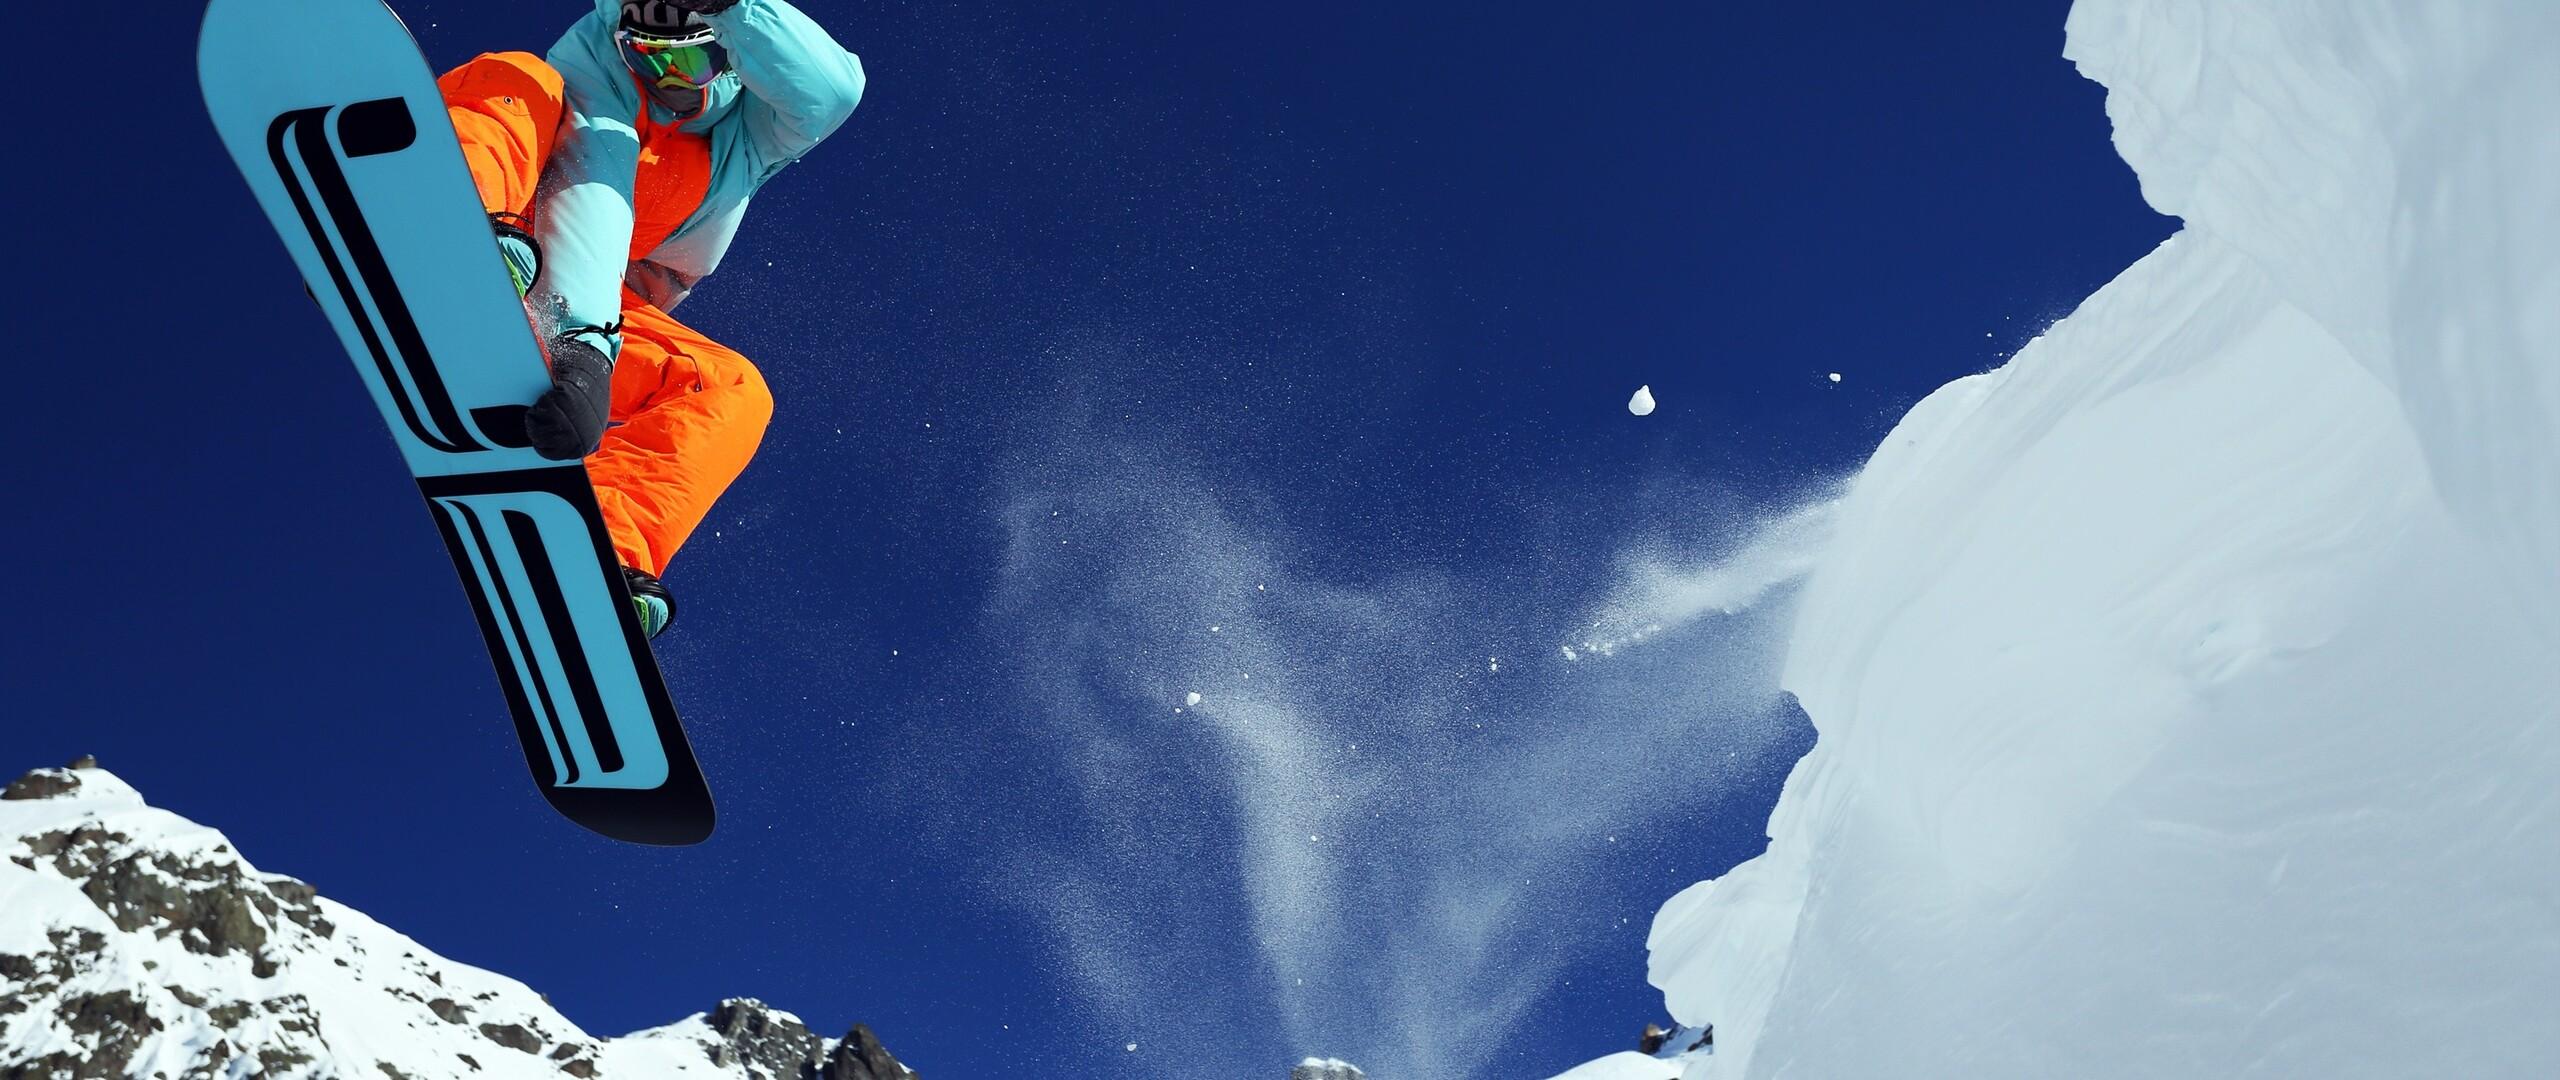 mountain-skiing-hd.jpg